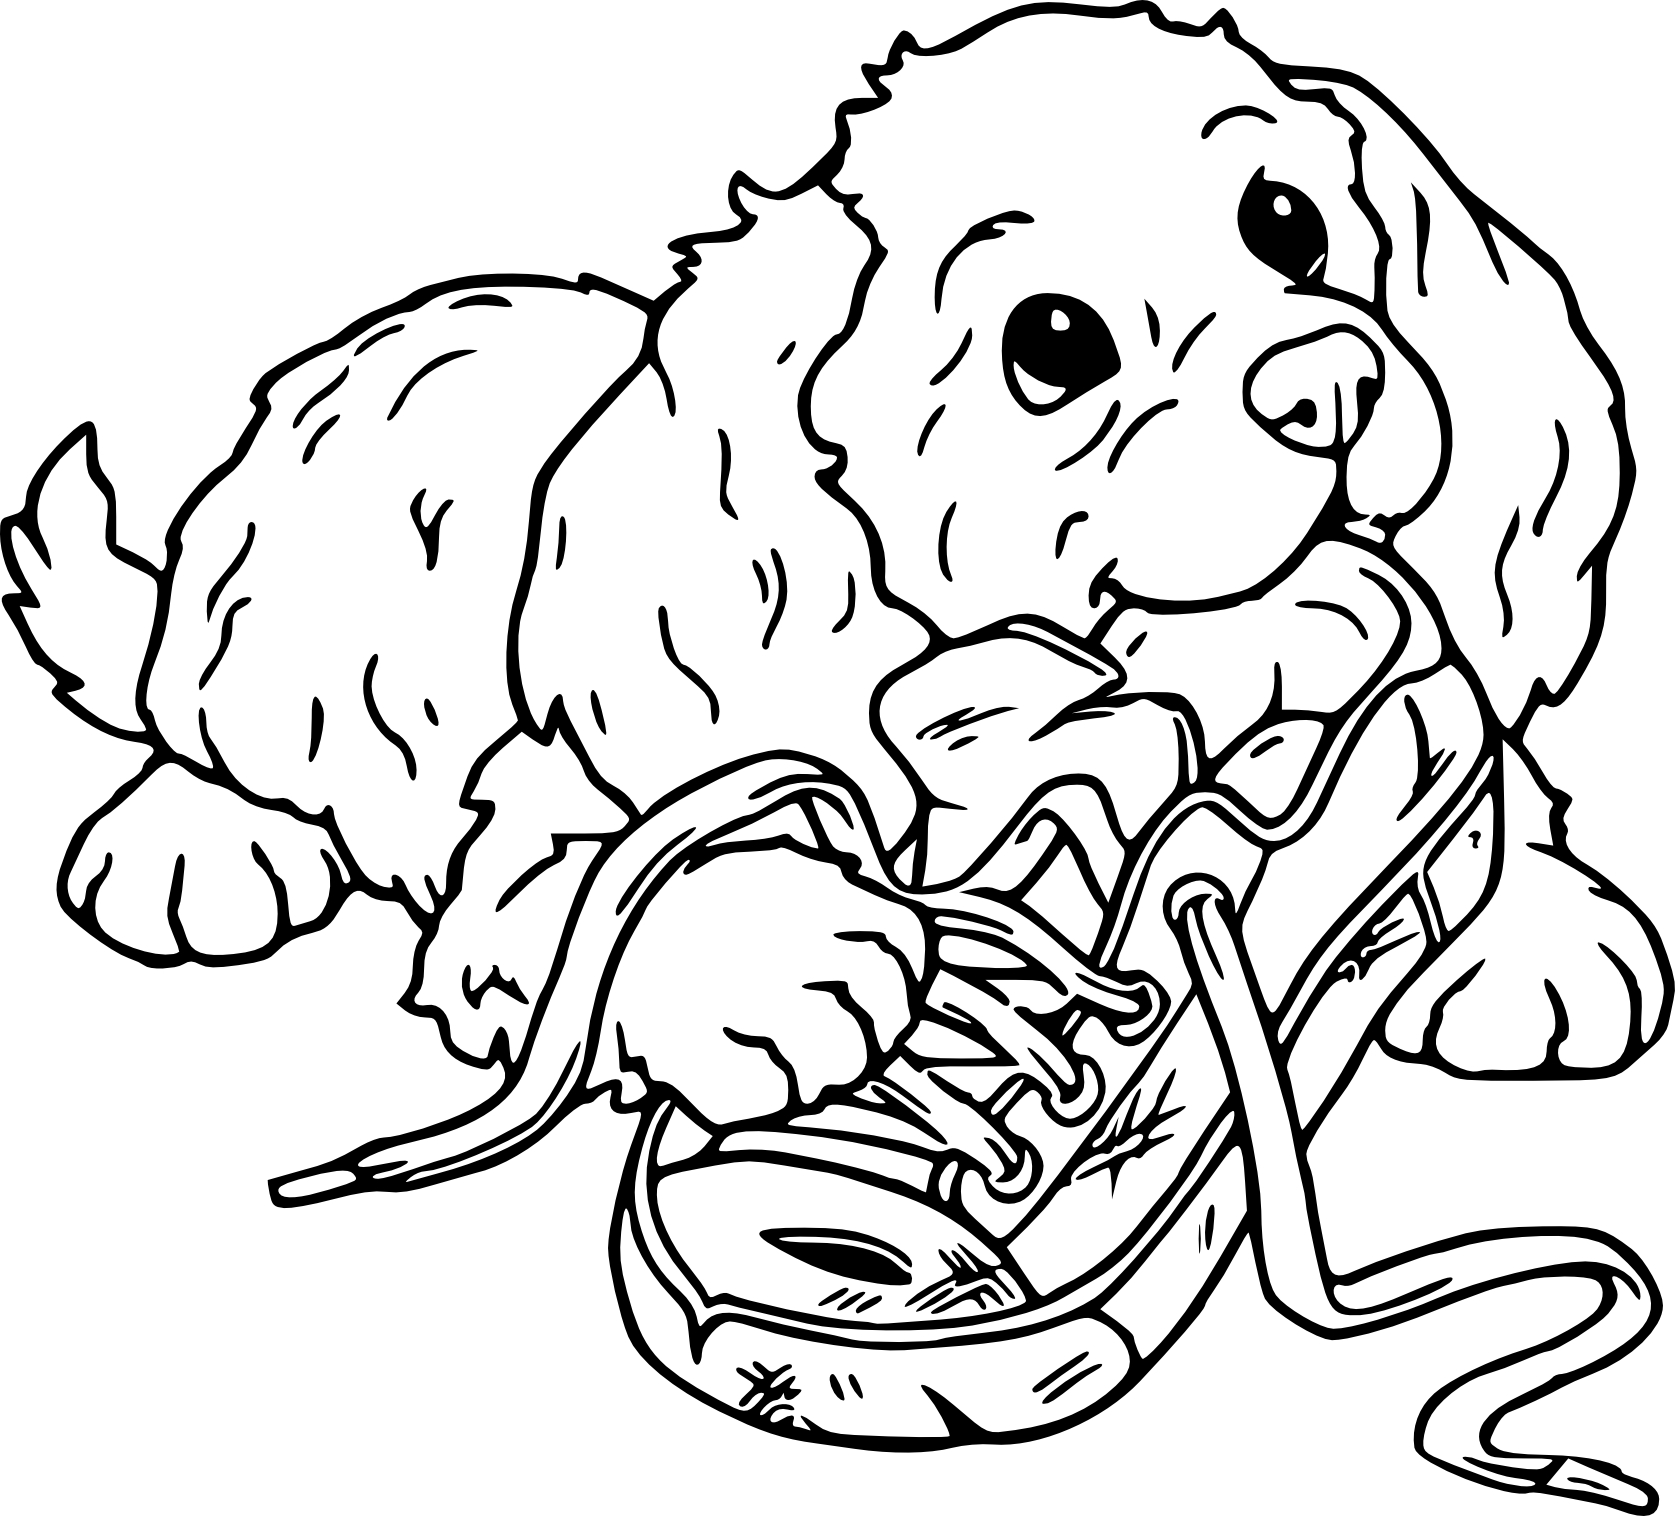 Coloriage chiot et dessin imprimer - Image a colorier et imprimer gratuitement ...